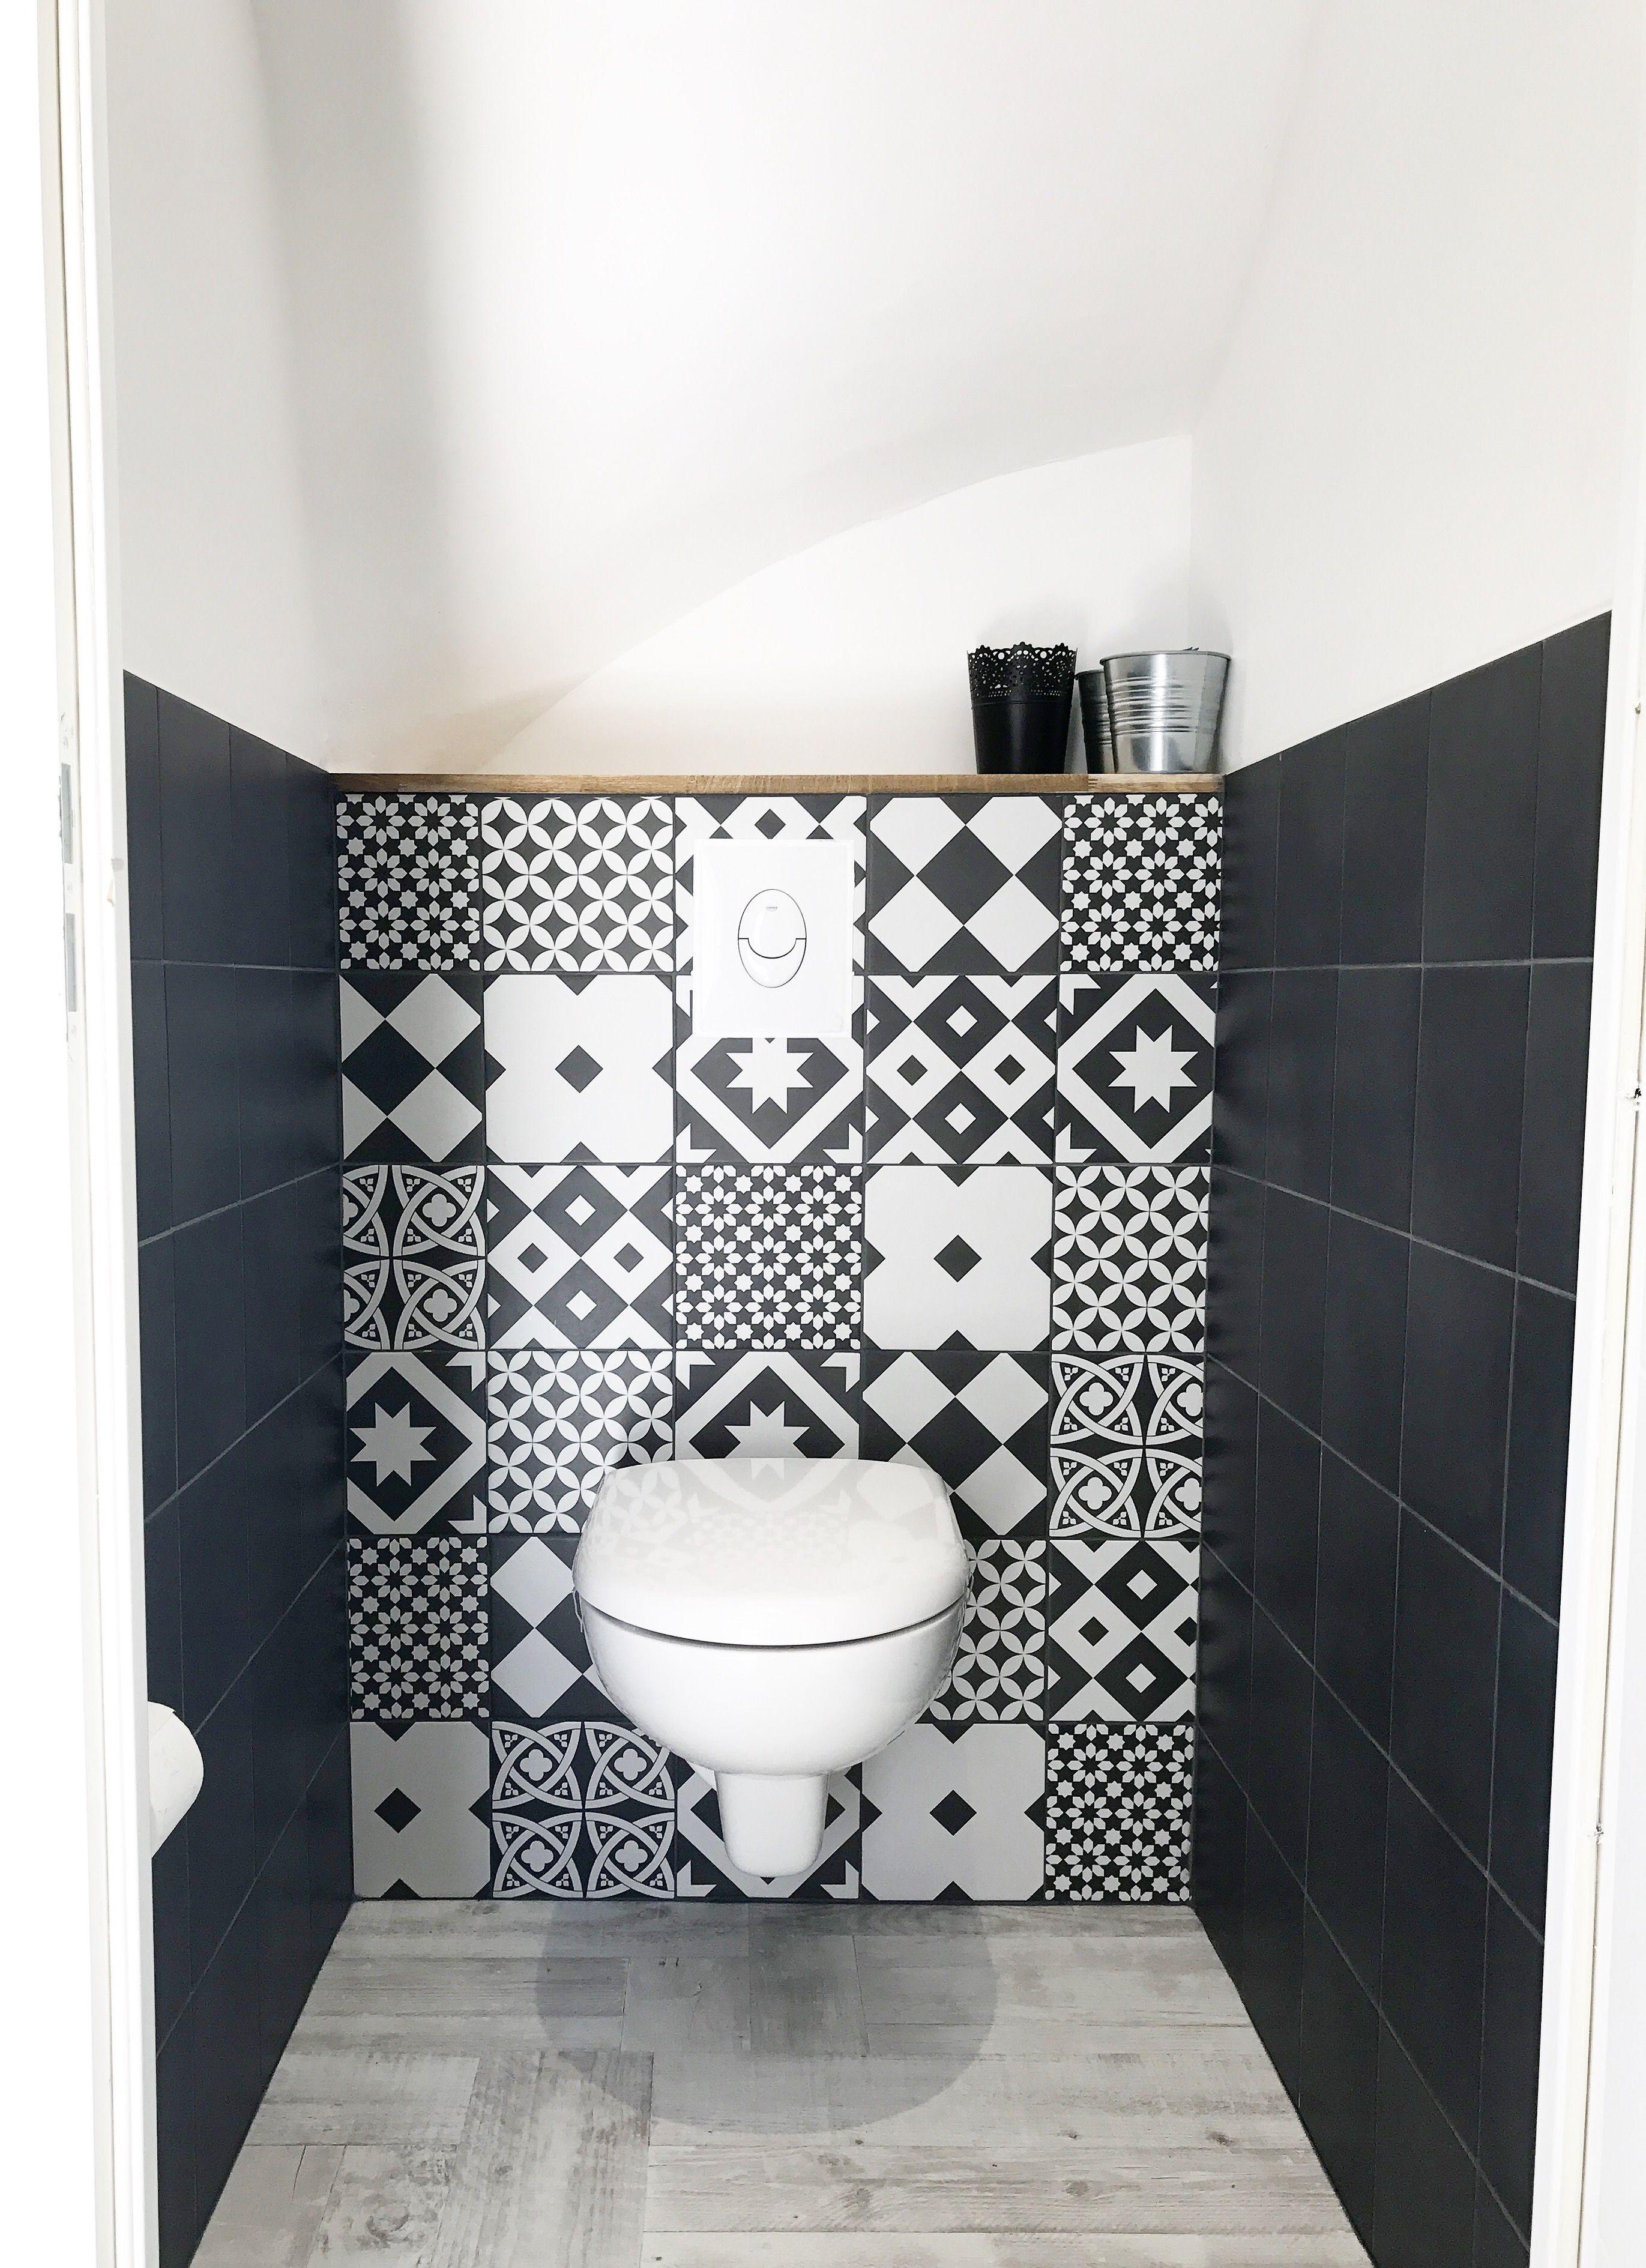 Wc Faiences Carreaux De Ciment Et Carreaux Noirs Leroy Merlin Wc Faiences Carreaux De Ciment Design Interior C Bathroom Decor Toilet Design Wc Design